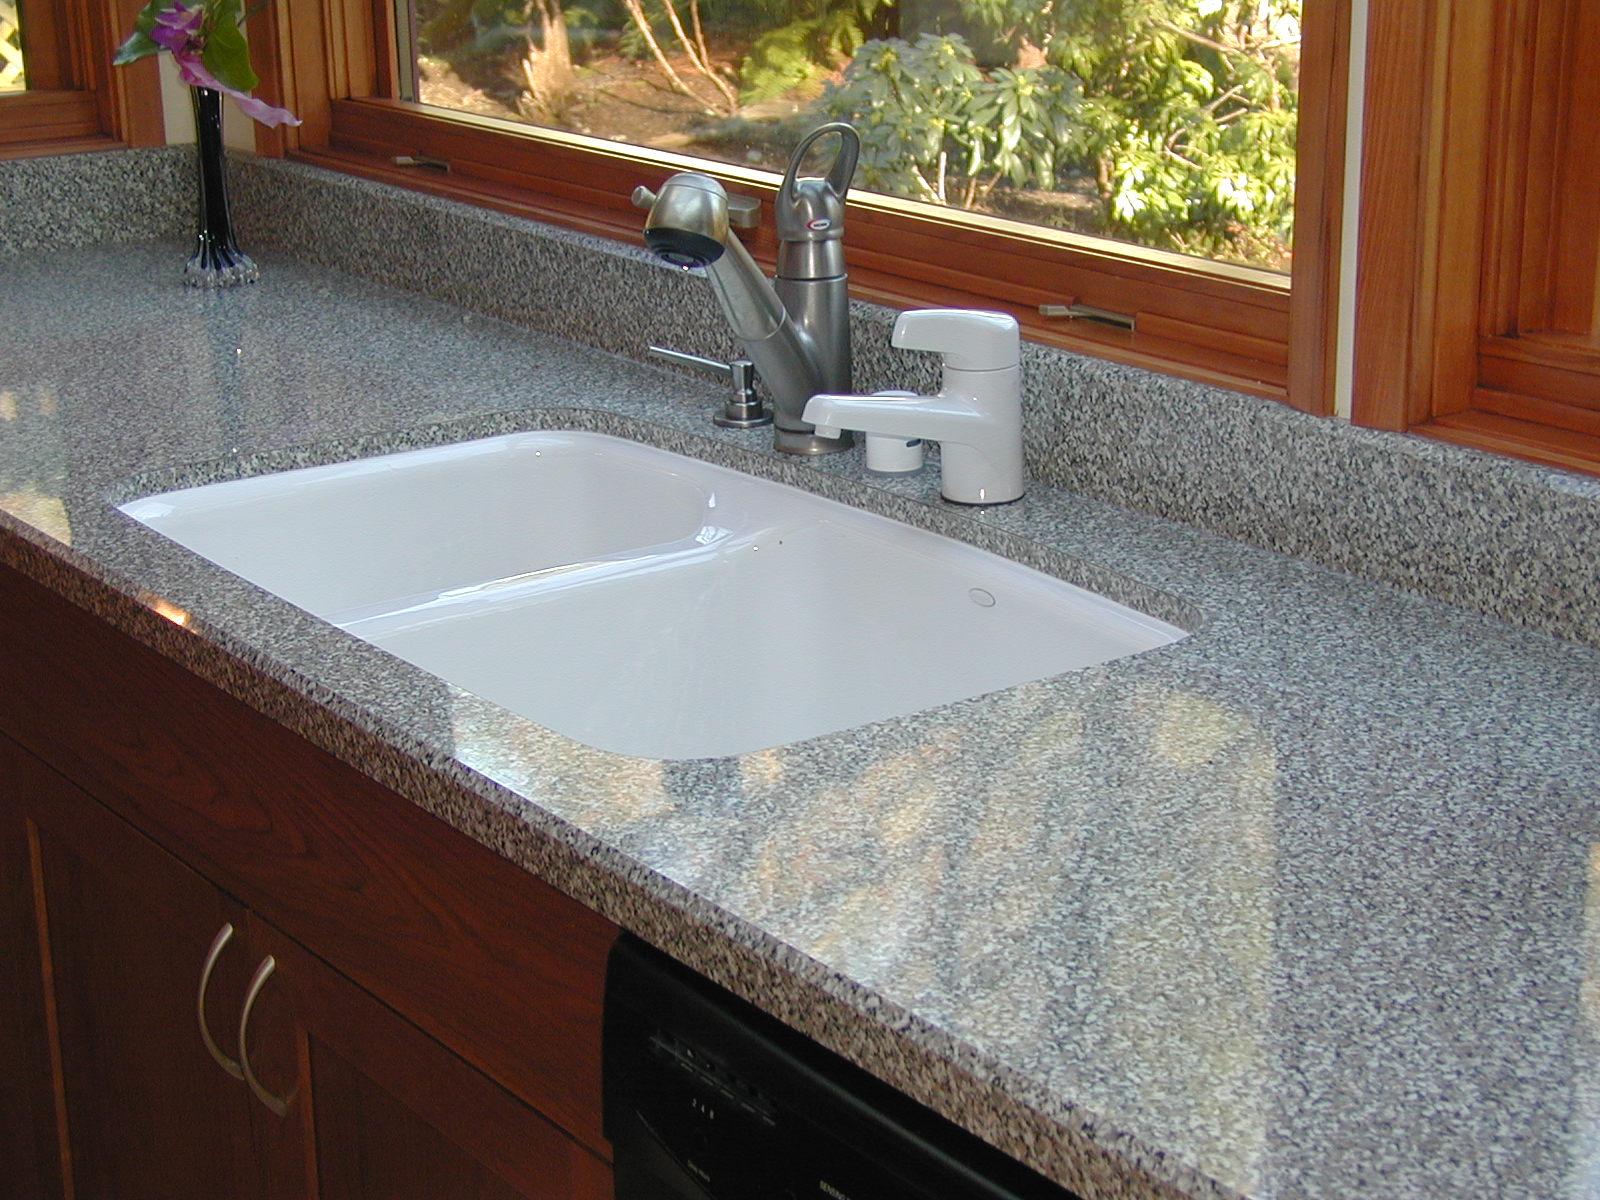 Undermounted Sinks